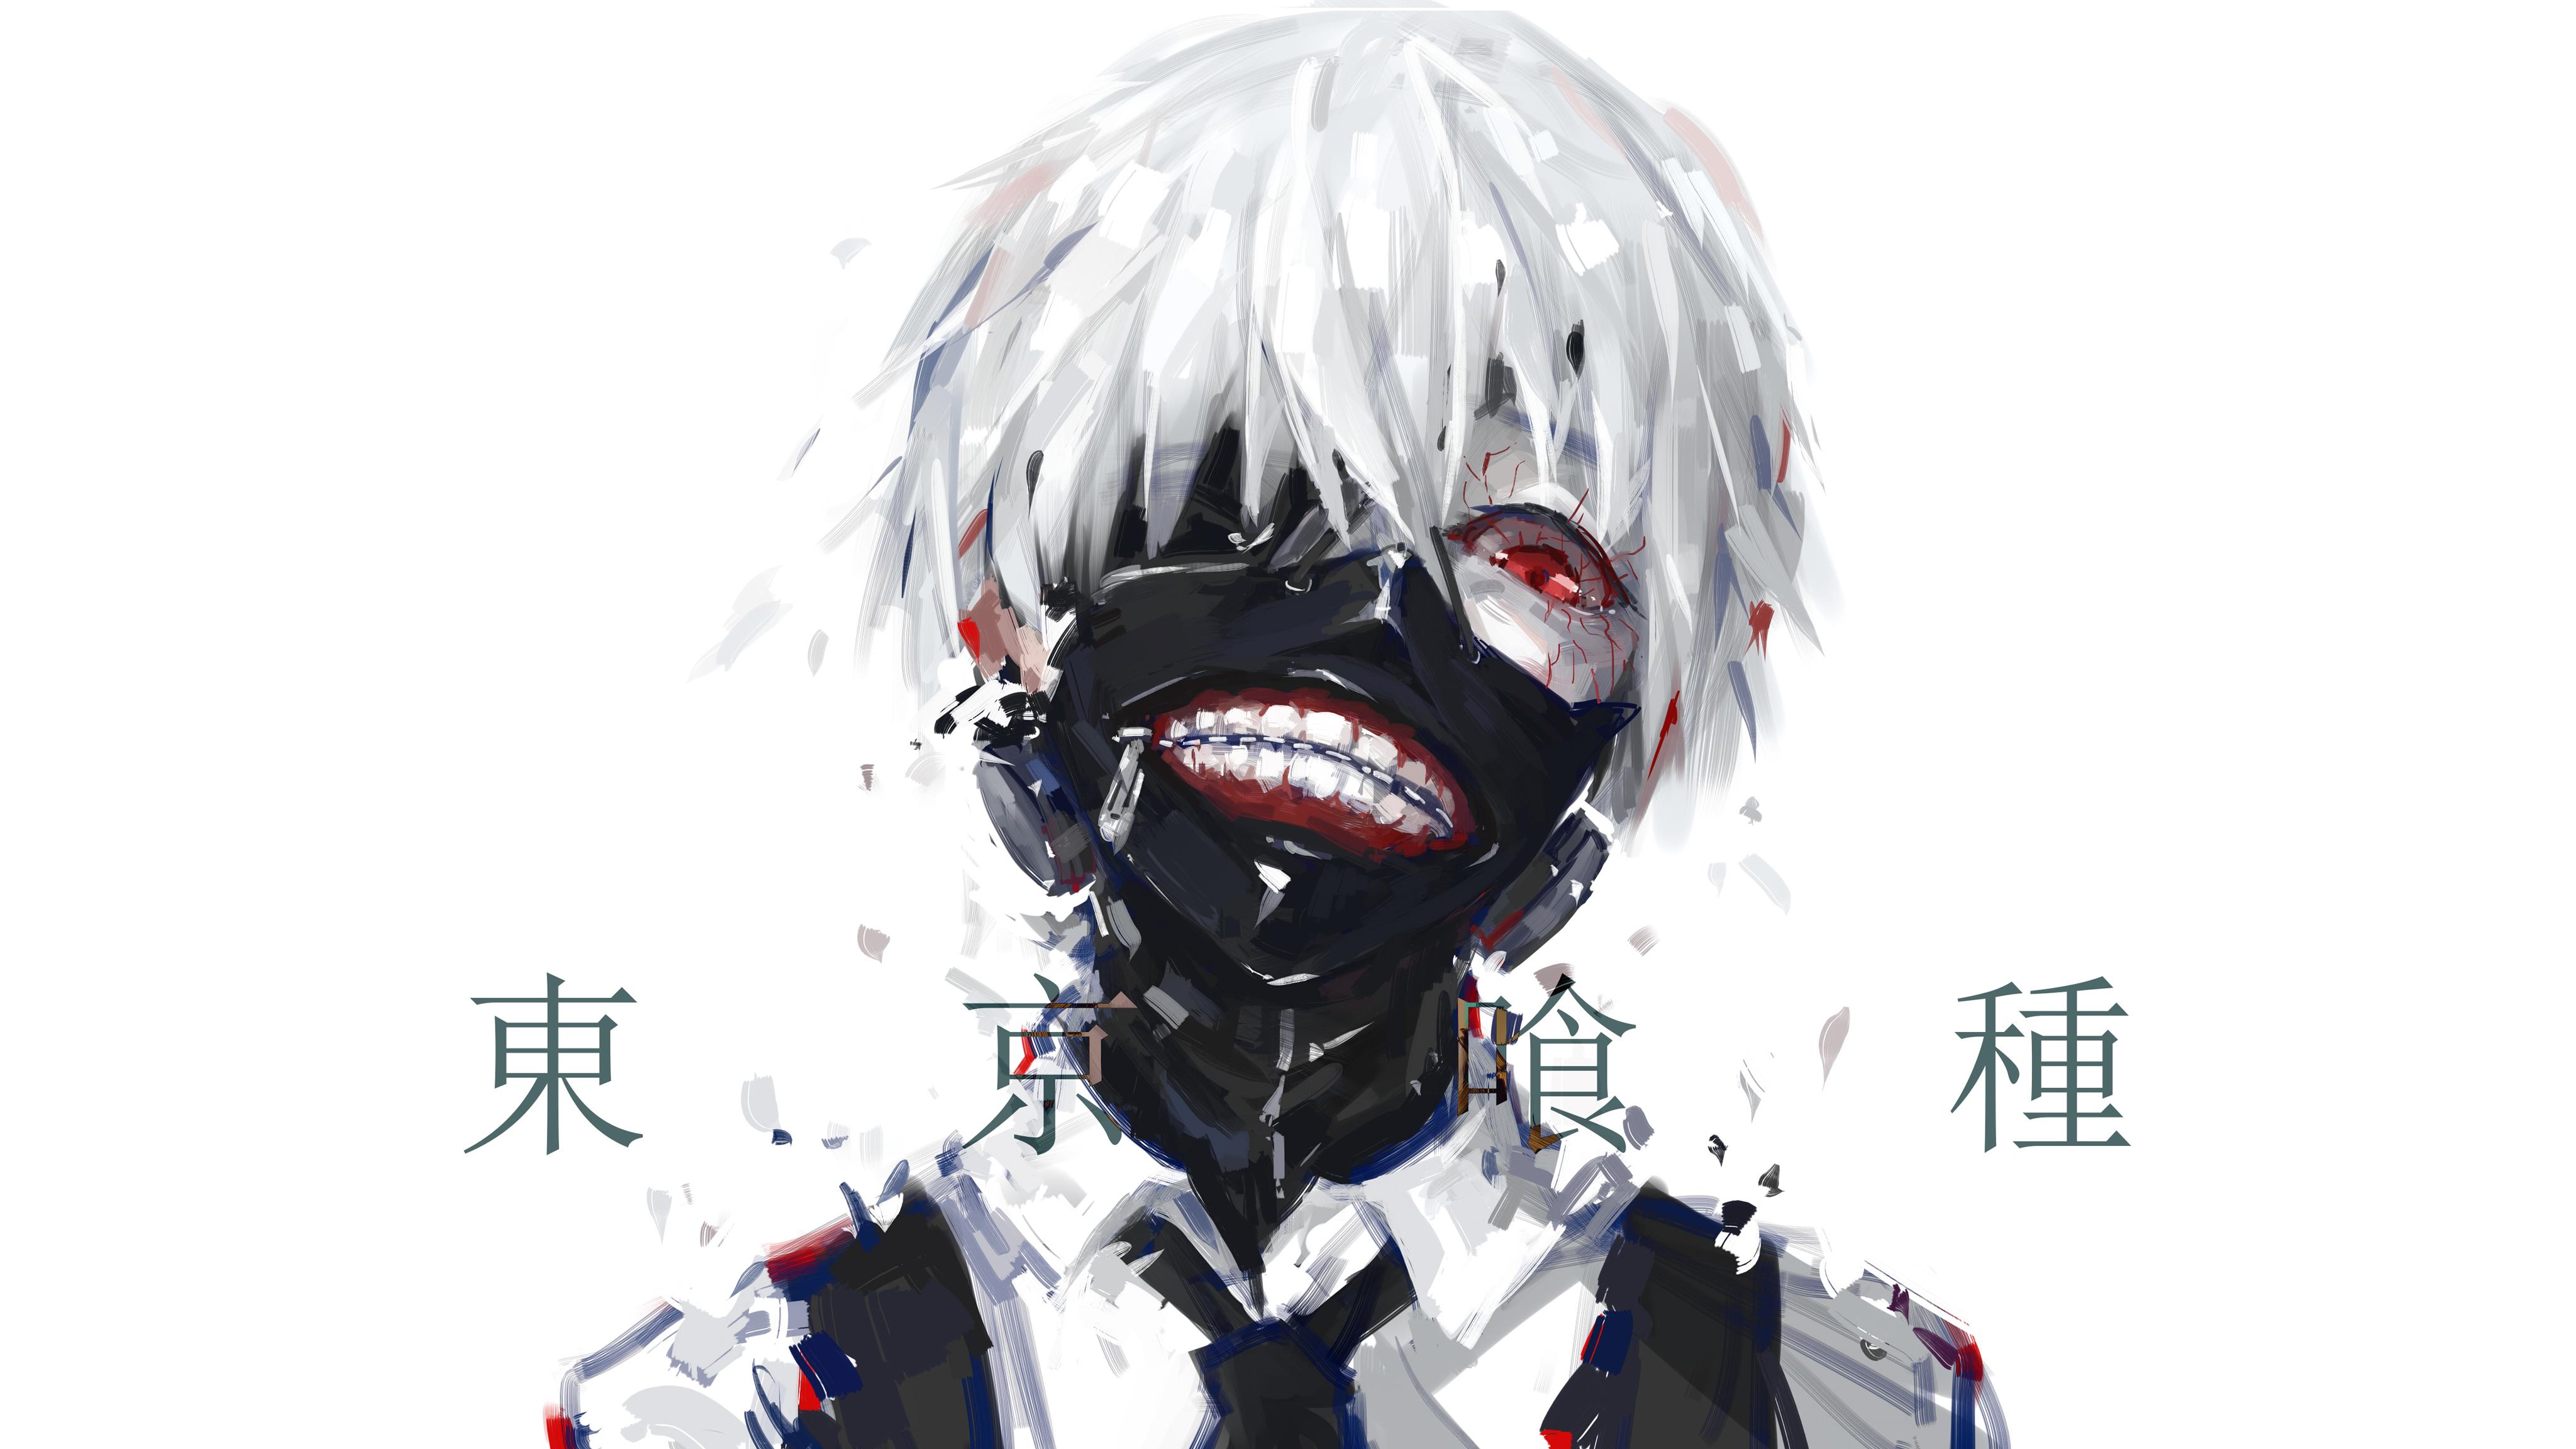 壁紙 4096x2304 仮面 東京喰種トーキョーグール 若者 アニメ